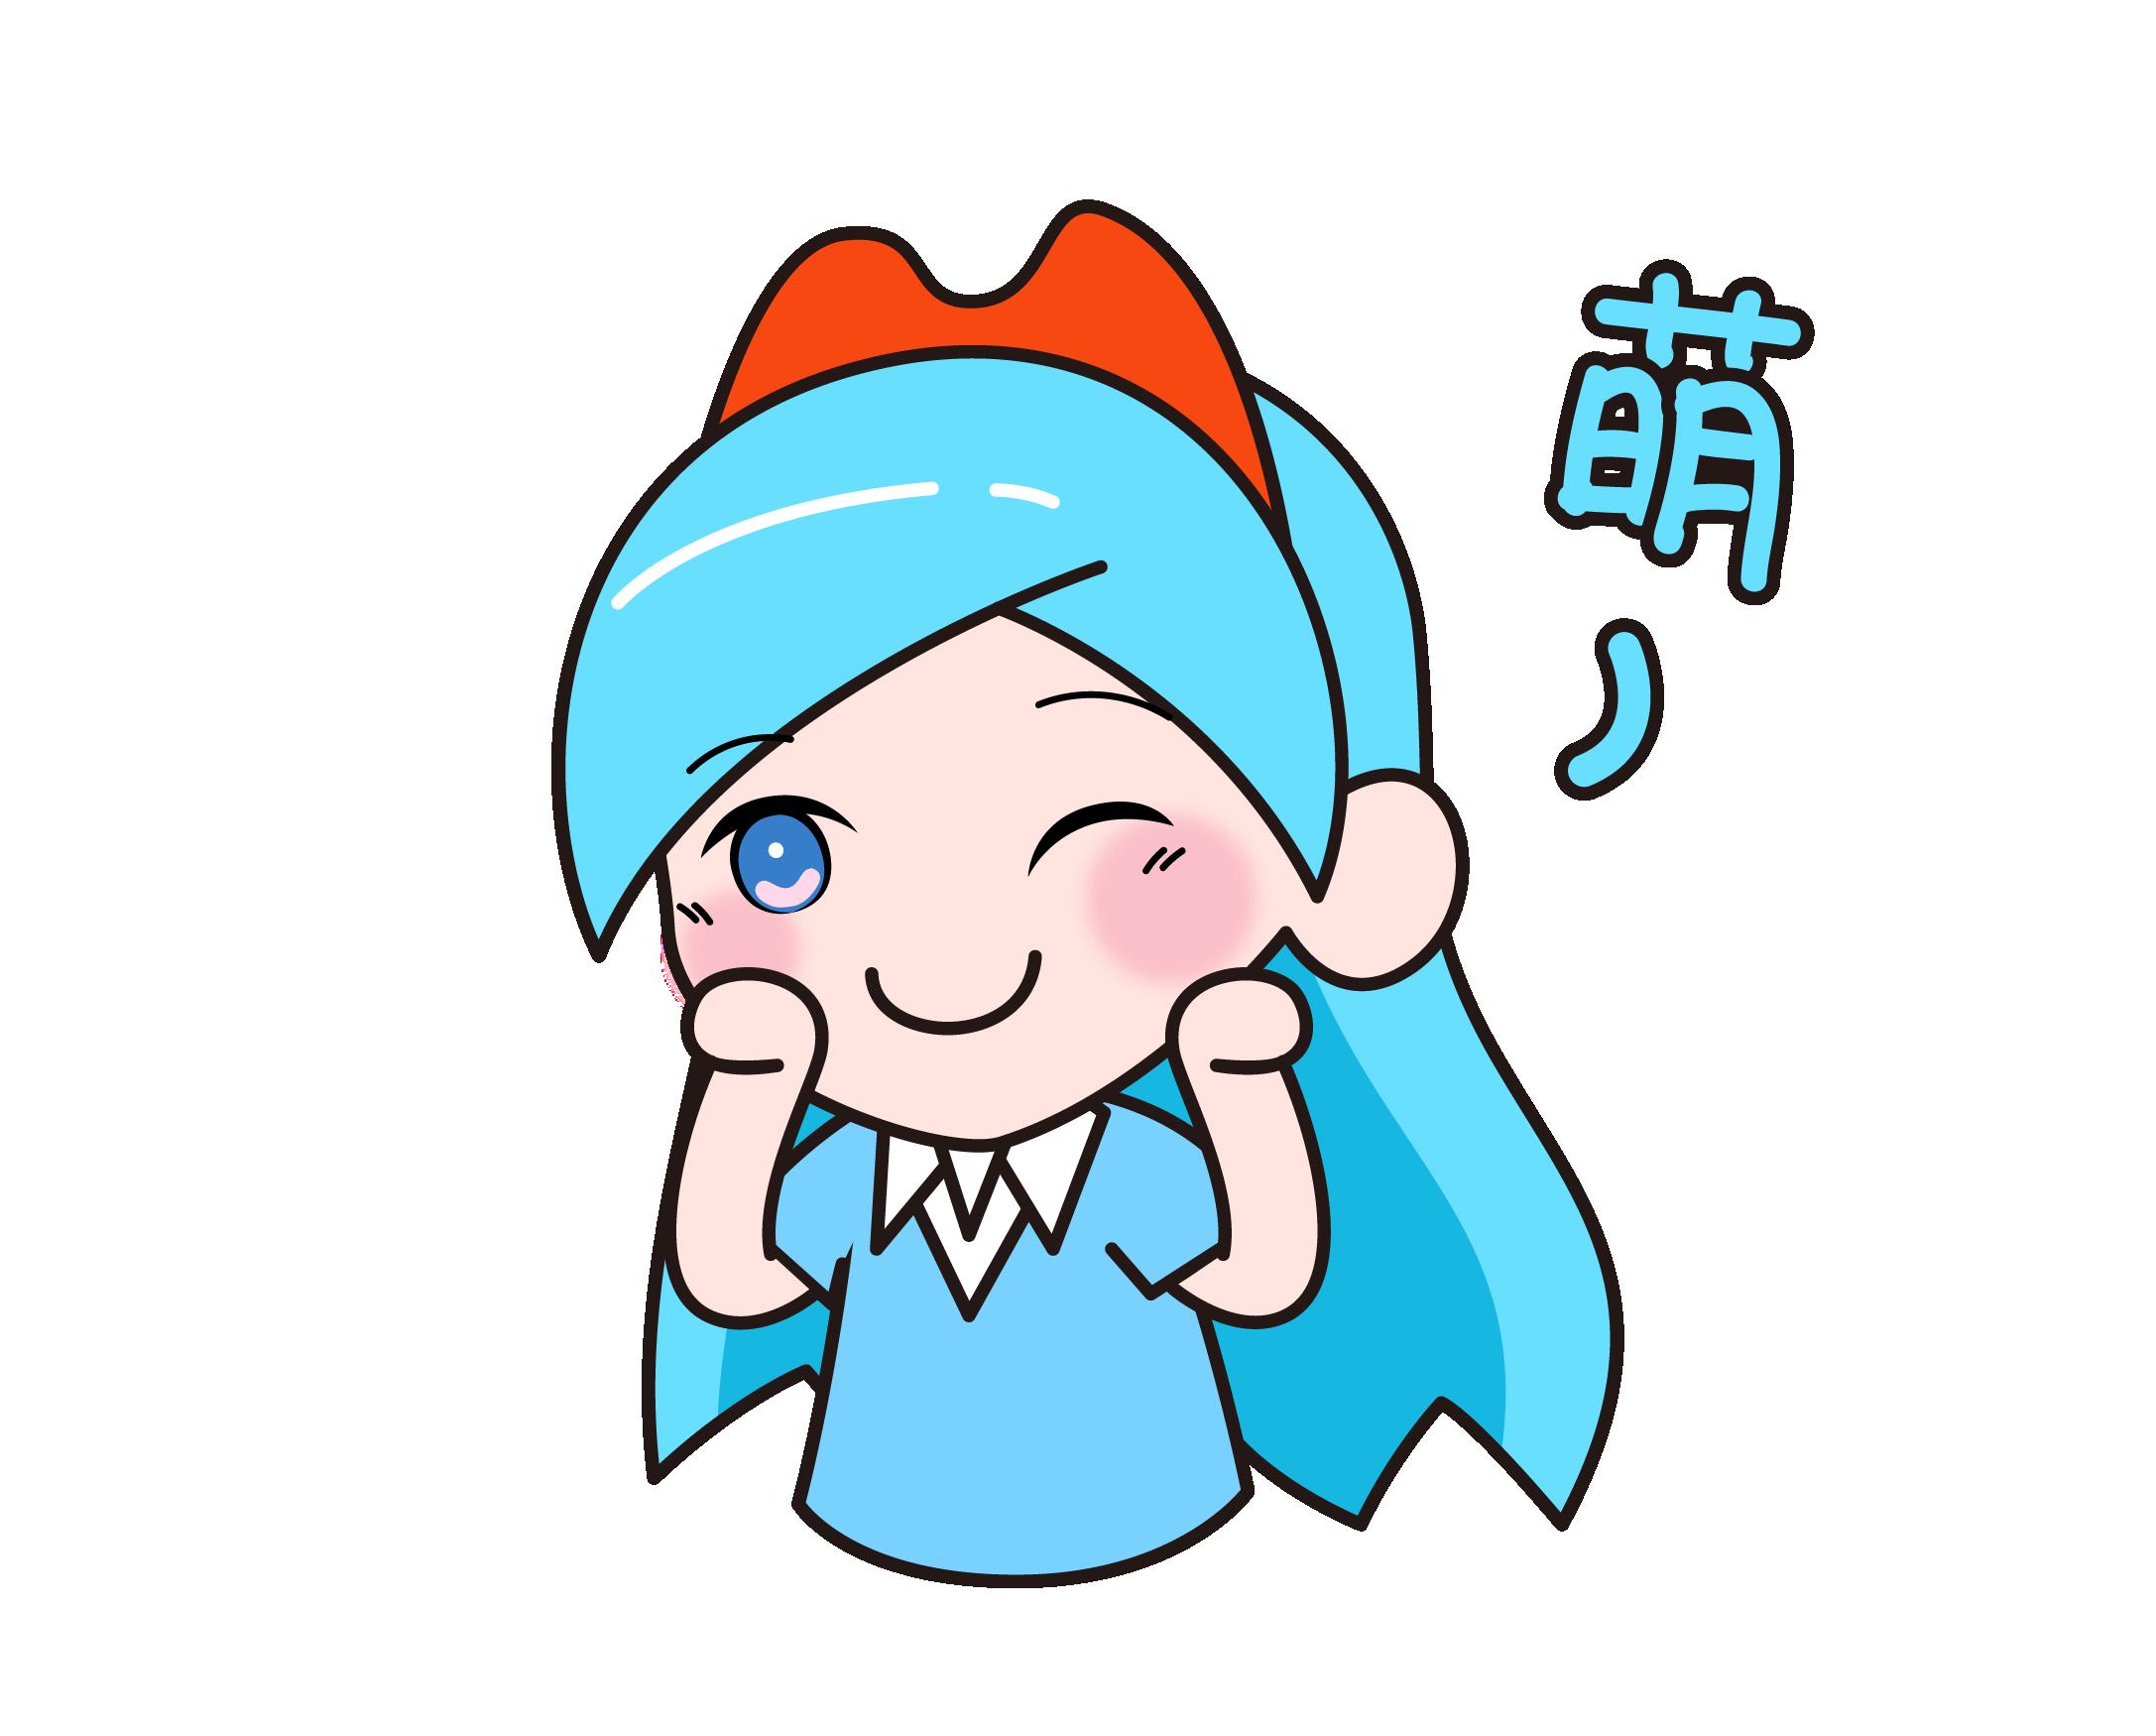 05 开心的耶(卖萌)-01.png